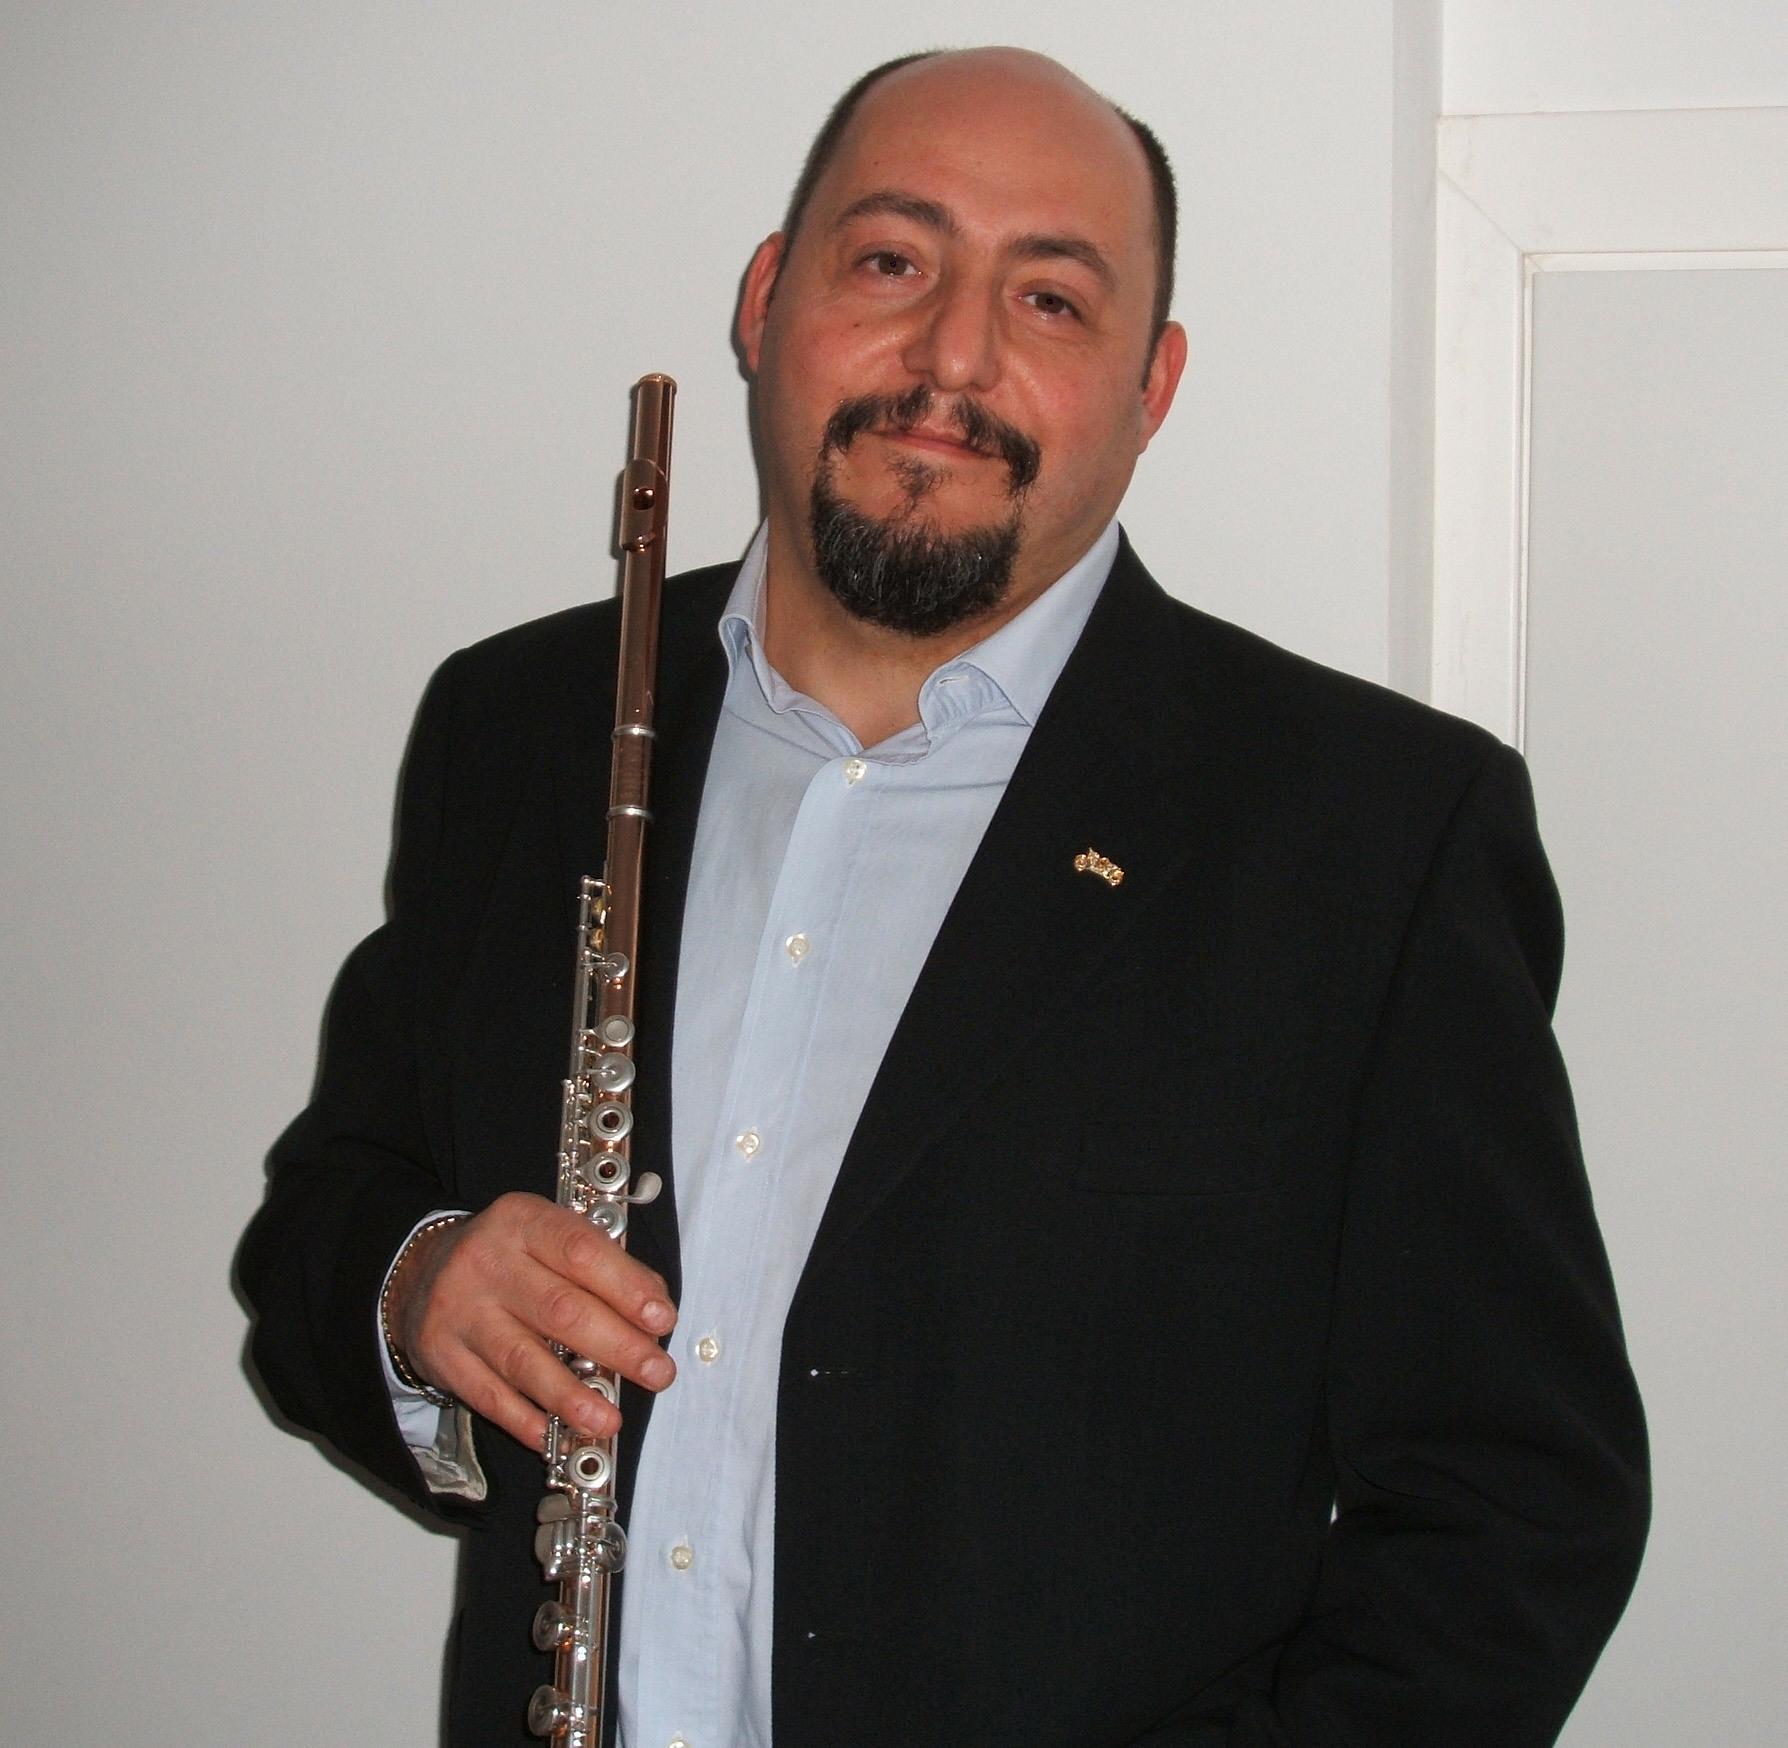 Flavio Alziati